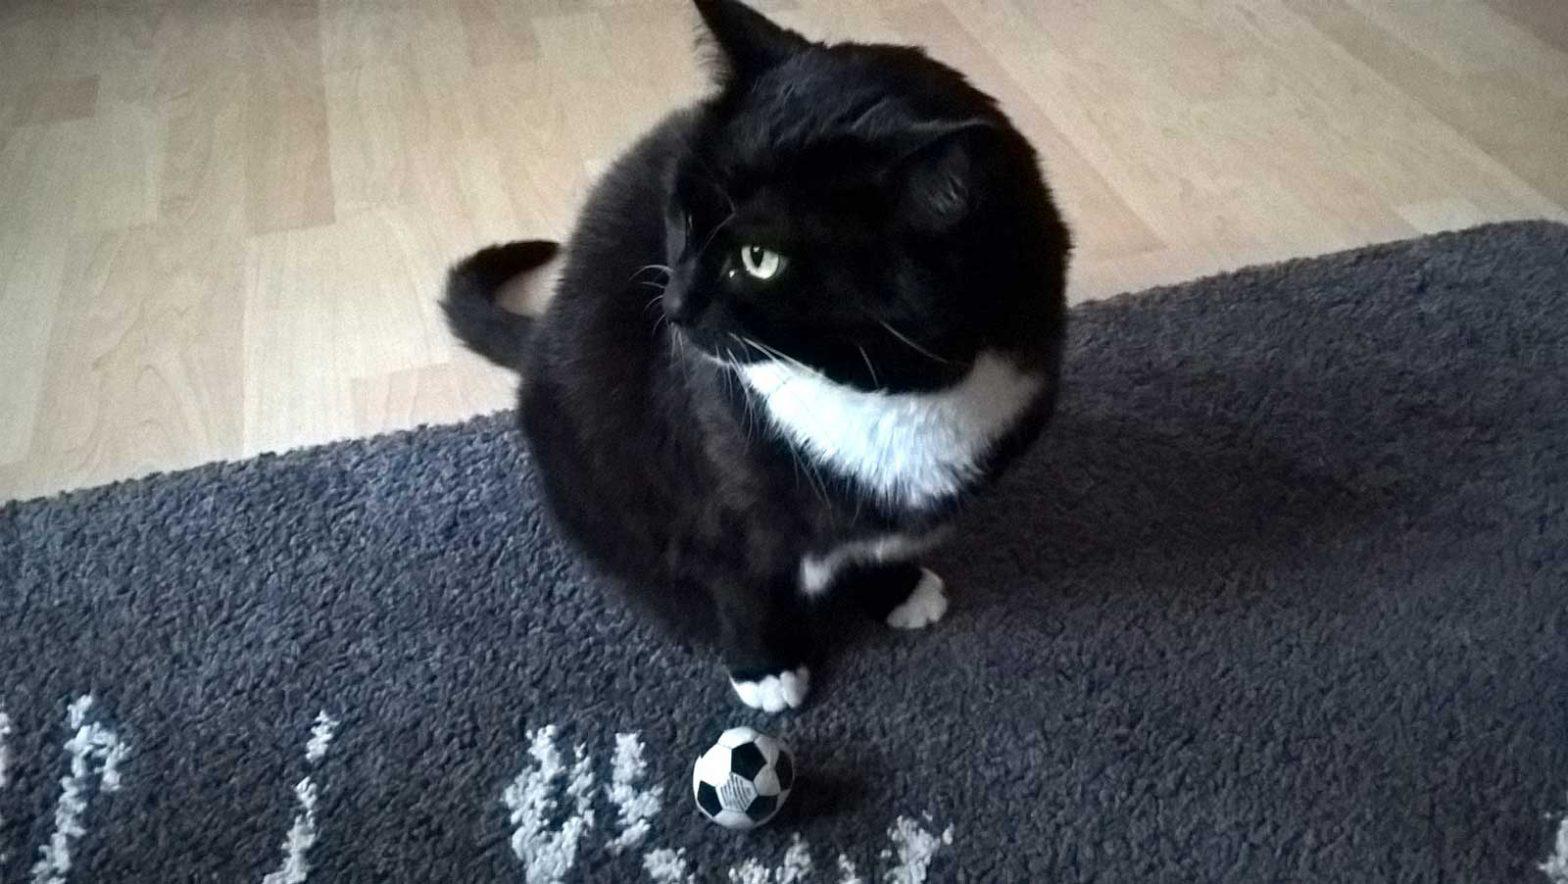 Luzi: Katze spielt nicht mit Ball, wenn kein Futter im Spiel